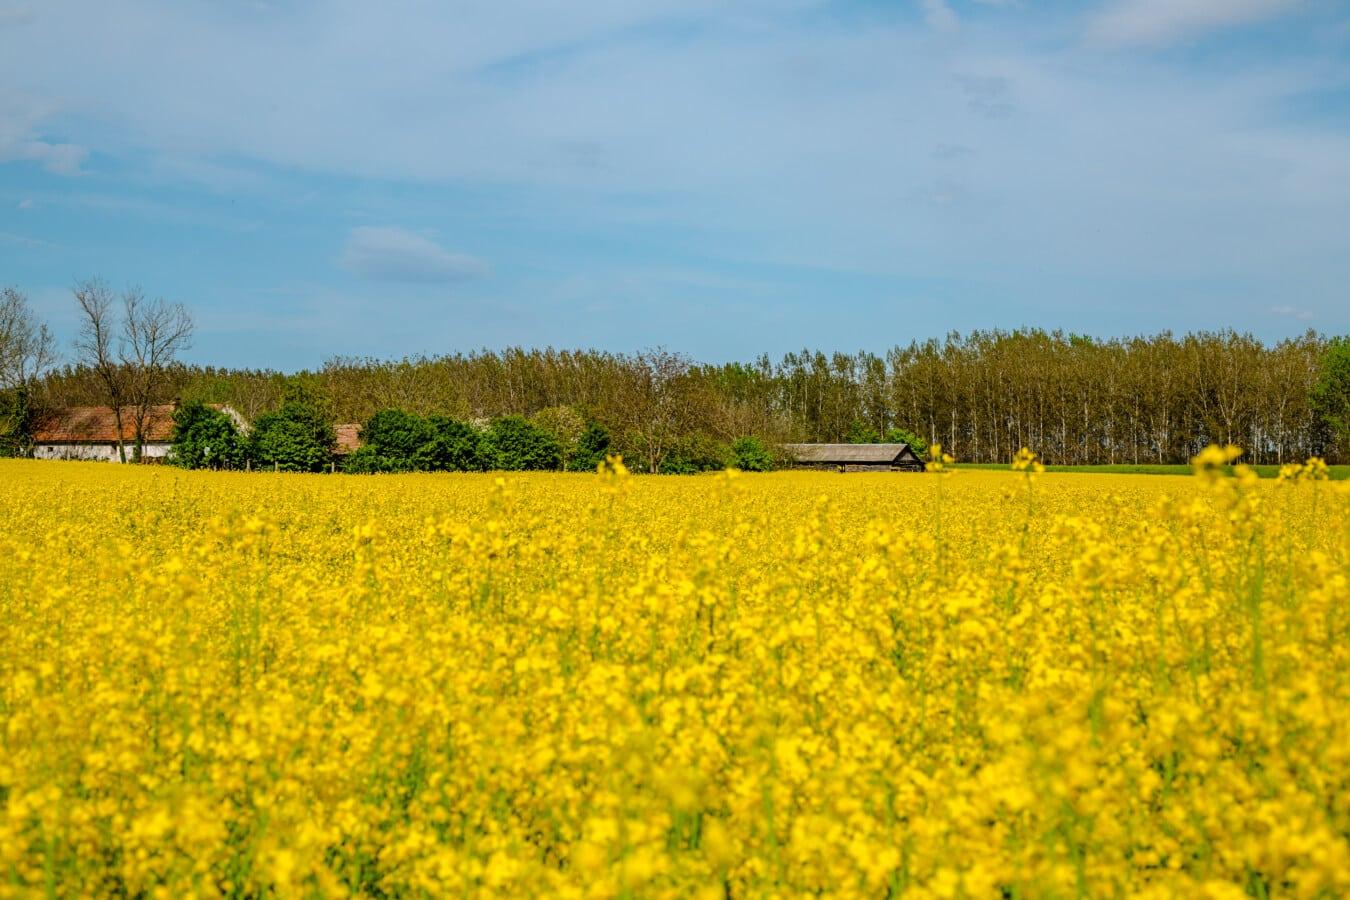 rypsi, kesäkaudella, kenttä, maaseudun, maisema, maatalous, maatila, luonto, kesällä, ulkona